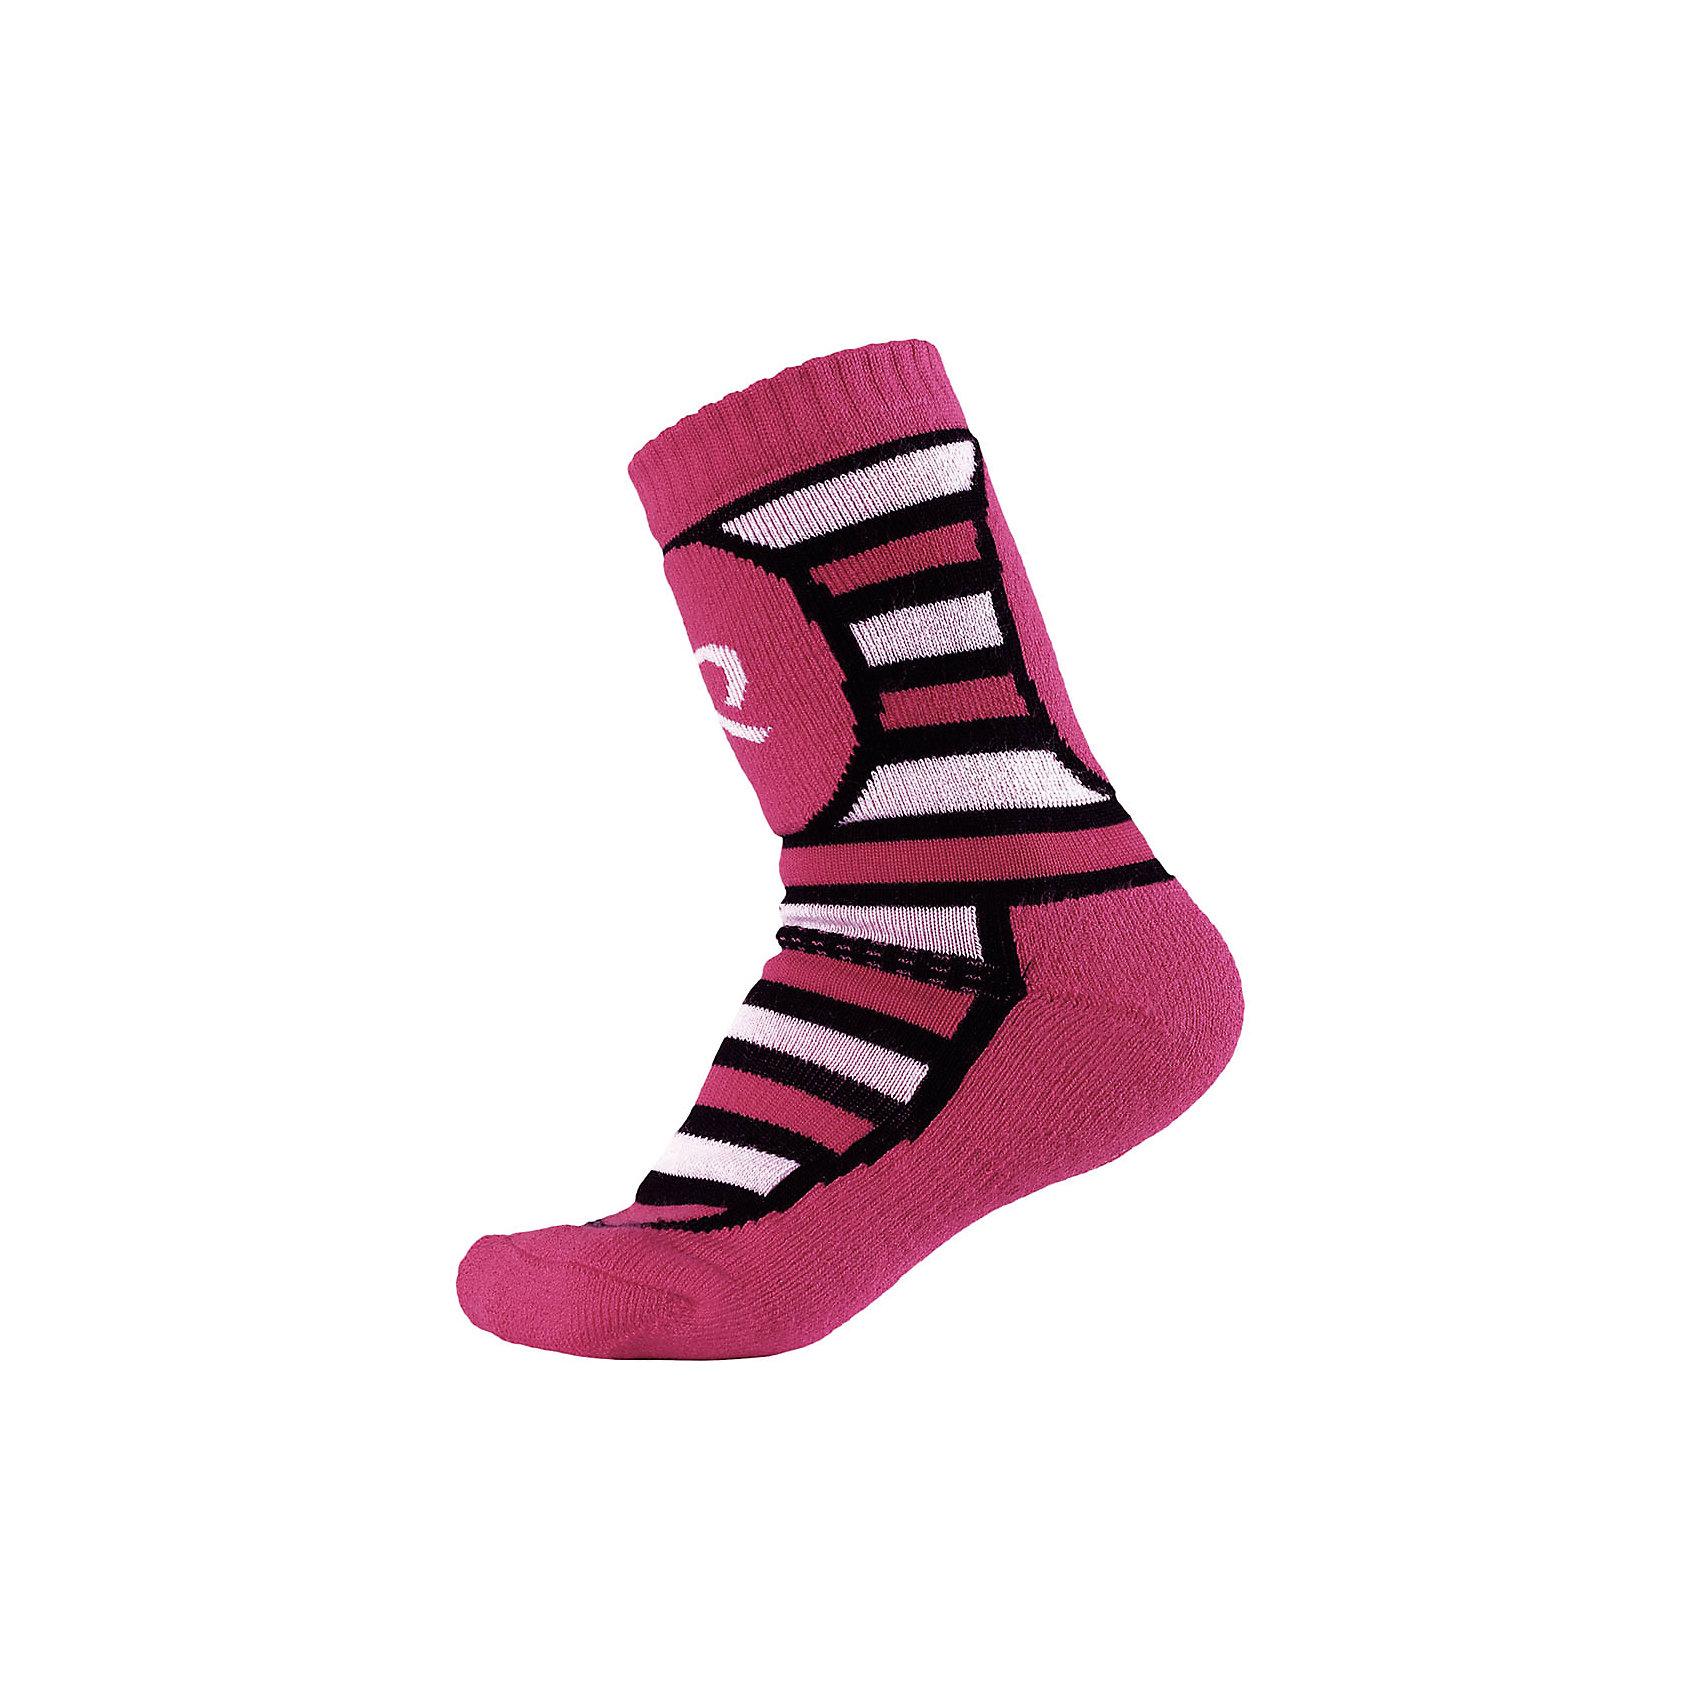 Носки Reima Stork ThermoliteНоски<br>Характеристики товара:<br><br>• цвет: розовый;<br>• состав: 40% шерсть, 36% полиэстер thermolite, 10% полиамид, 12% полиэстер, 2% эластан; <br>• сезон: зима;<br>• мягкий и теплый материал с внутренней стороны для максимального комфорта;<br>• усиленные накладки на ступнях, лодыжках и больших пальцах;<br>• быстро сохнут и сохраняют тепло;<br>• материал Thermolite для интенсивной физической активности;<br>• страна бренда: Финляндия;<br>• страна изготовитель: Китай;<br><br>Носки из шерсти Thermolite® для детей и подростков готовы к действию! Смесь шерсти и материала Thermolite® в холодную погоду гарантирует максимальный комфорт и тепло. Мериносовая шерсть согреет ножки, а Thermolite® отлично подходит для интенсивных физических нагрузок. Изнанка с мягким эластичным ворсом очень приятна на ощупь. Усиления на стопе, пятке и носке.<br><br>Носки Stork Thermolite Reima (Рейма) можно купить в нашем интернет-магазине.<br><br>Ширина мм: 87<br>Глубина мм: 10<br>Высота мм: 105<br>Вес г: 115<br>Цвет: розовый<br>Возраст от месяцев: 168<br>Возраст до месяцев: 1188<br>Пол: Унисекс<br>Возраст: Детский<br>Размер: 38-41,30-33,34-37<br>SKU: 6906560